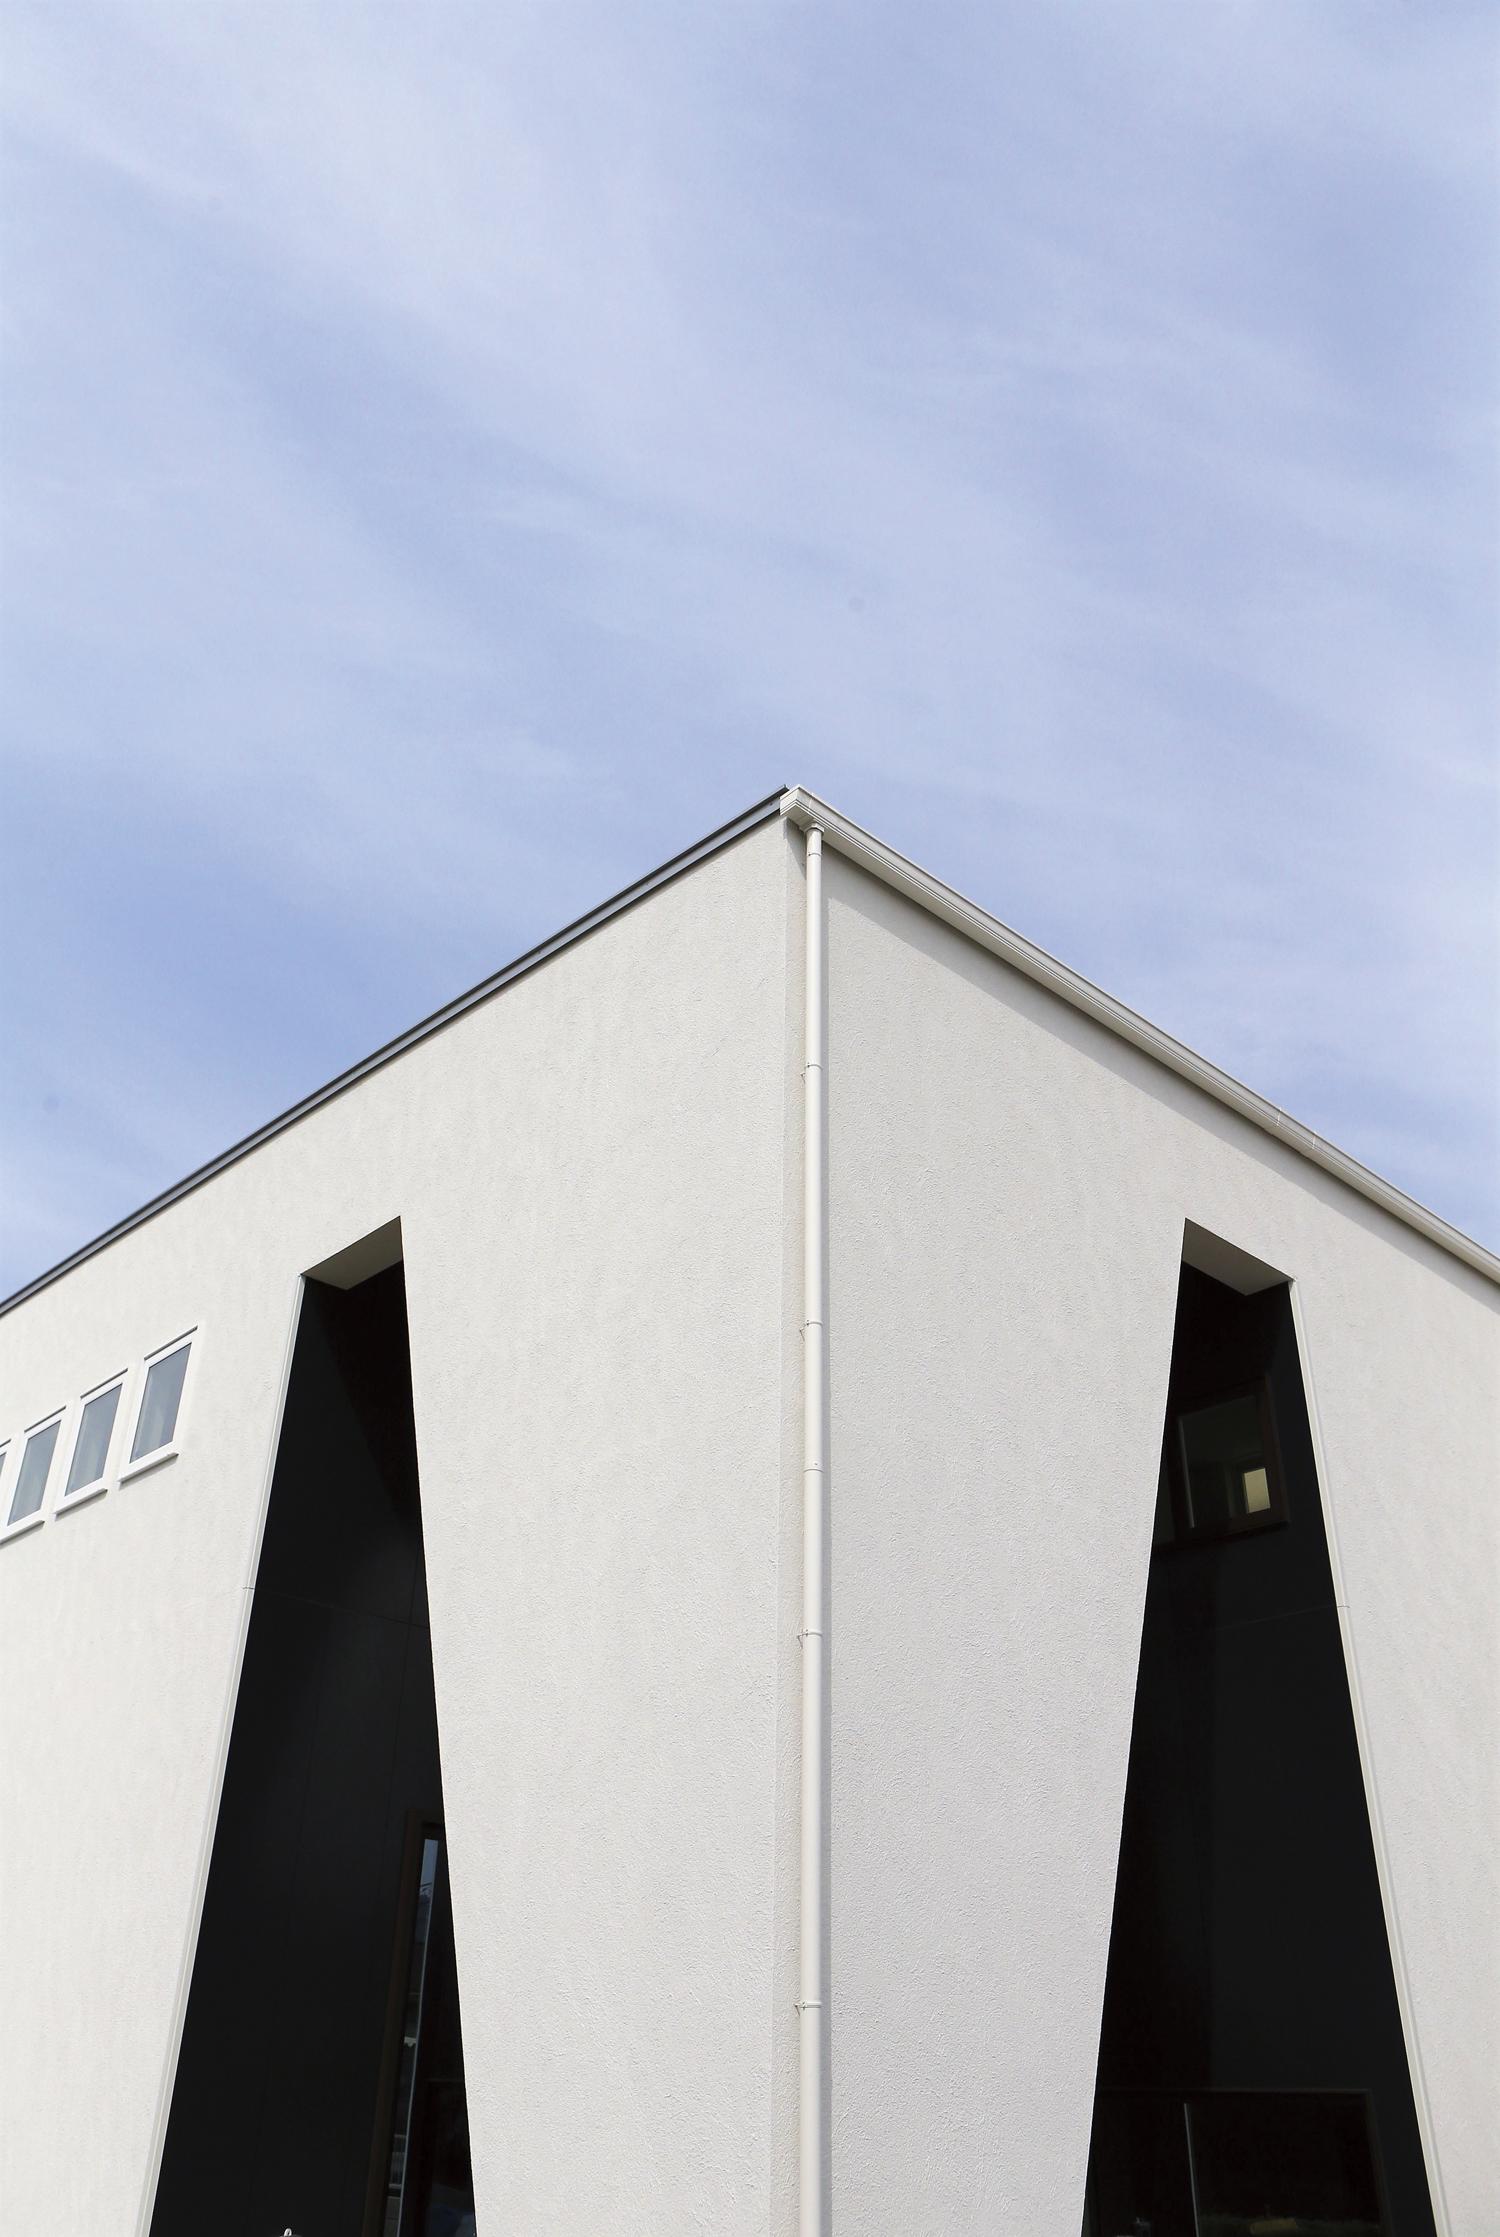 福山市の注文住宅|今井住建の施工事例ギャラリー「黒と白のコントラストがおしゃれ」